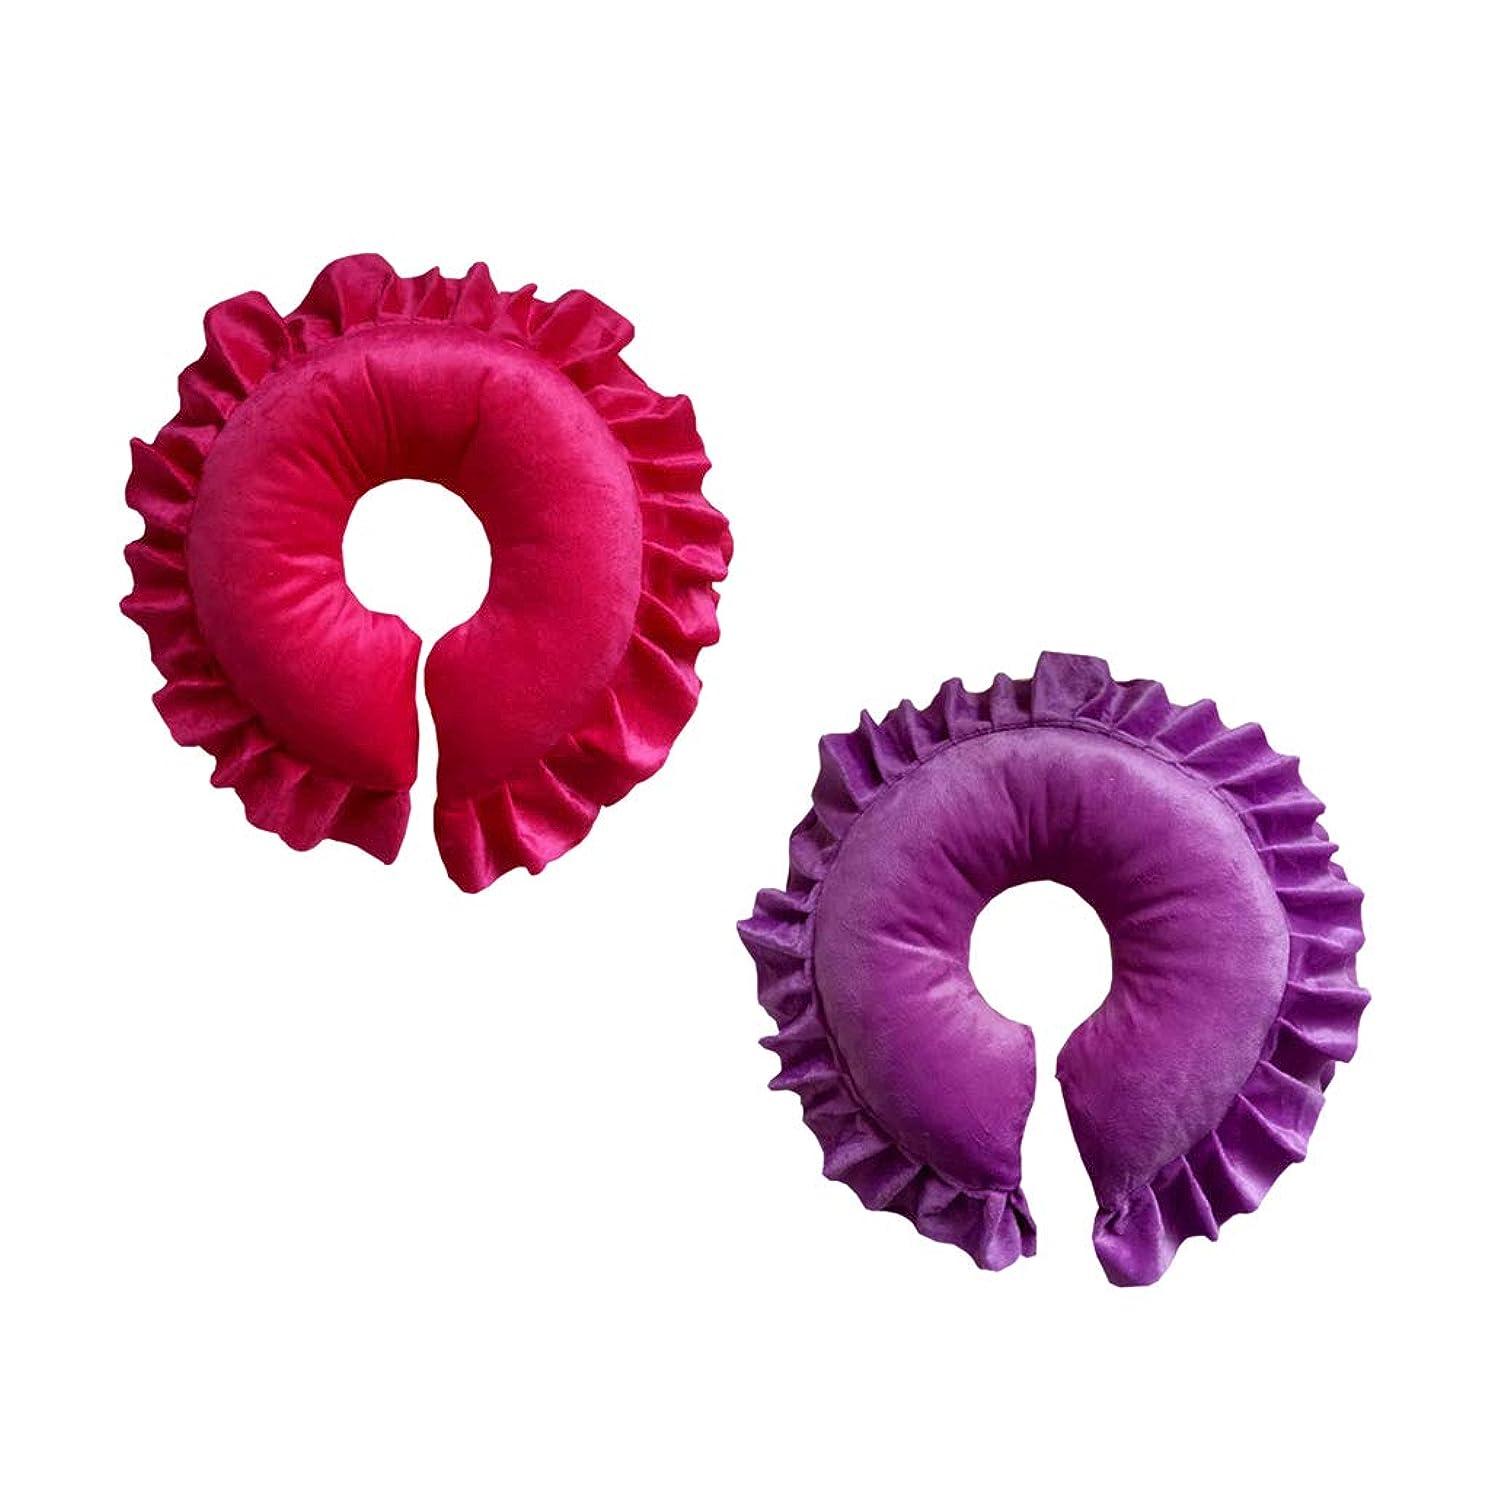 高度すり減る延ばすFLAMEER 2個 フェイスピロー マッサージ用クッション 顔枕 マッサージ枕 サロン スパ 快適 紫&赤